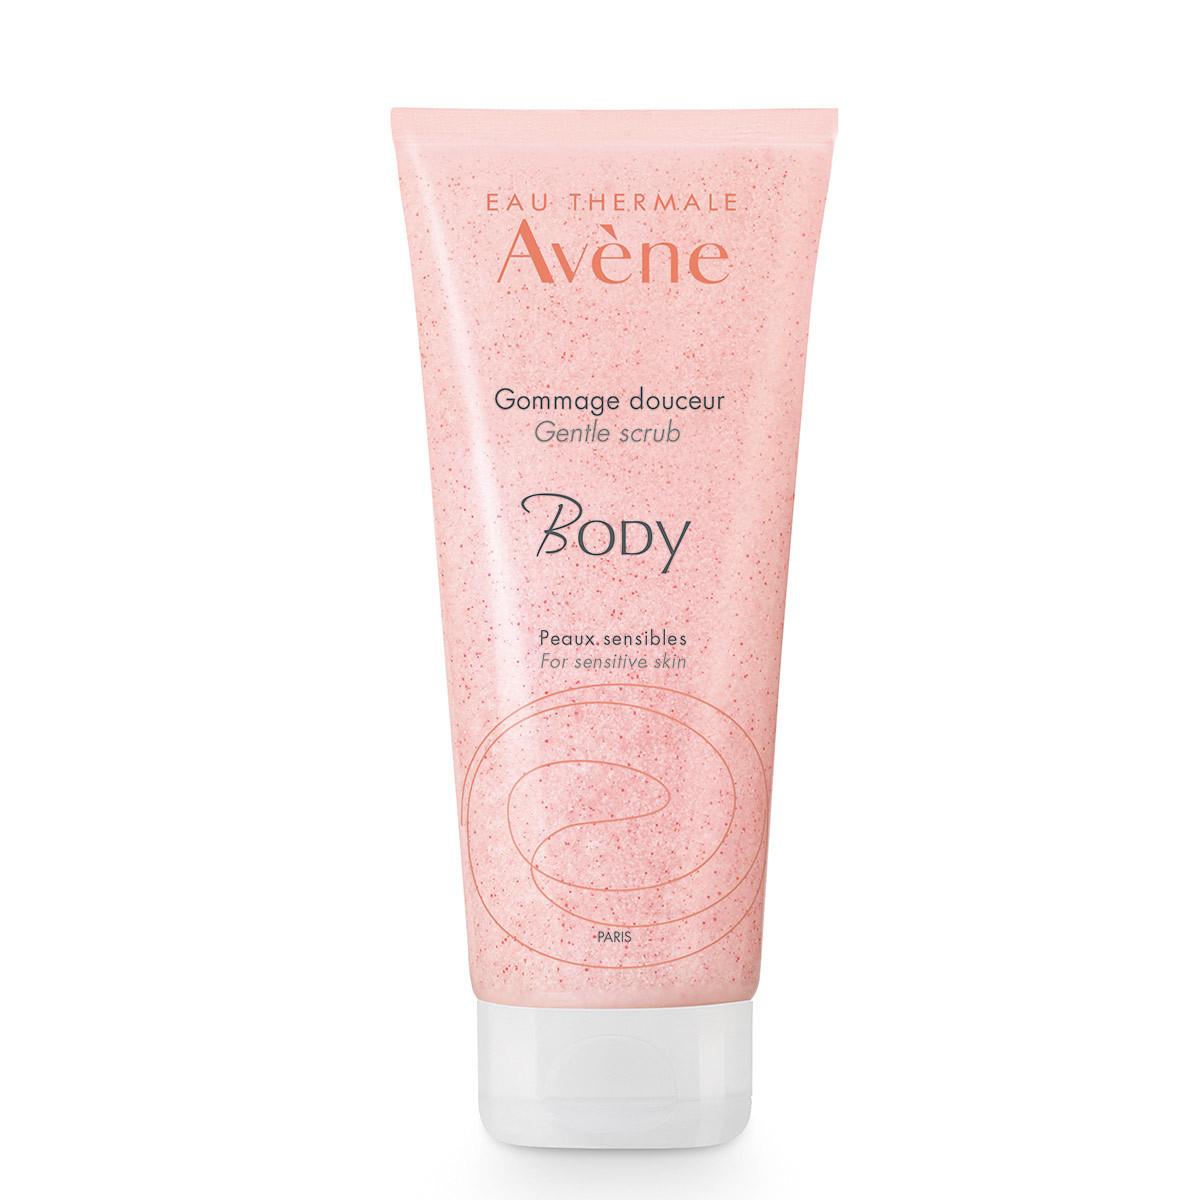 Exfoliante corporal suave para pieles sensibles, Avène (15,25 euros)...